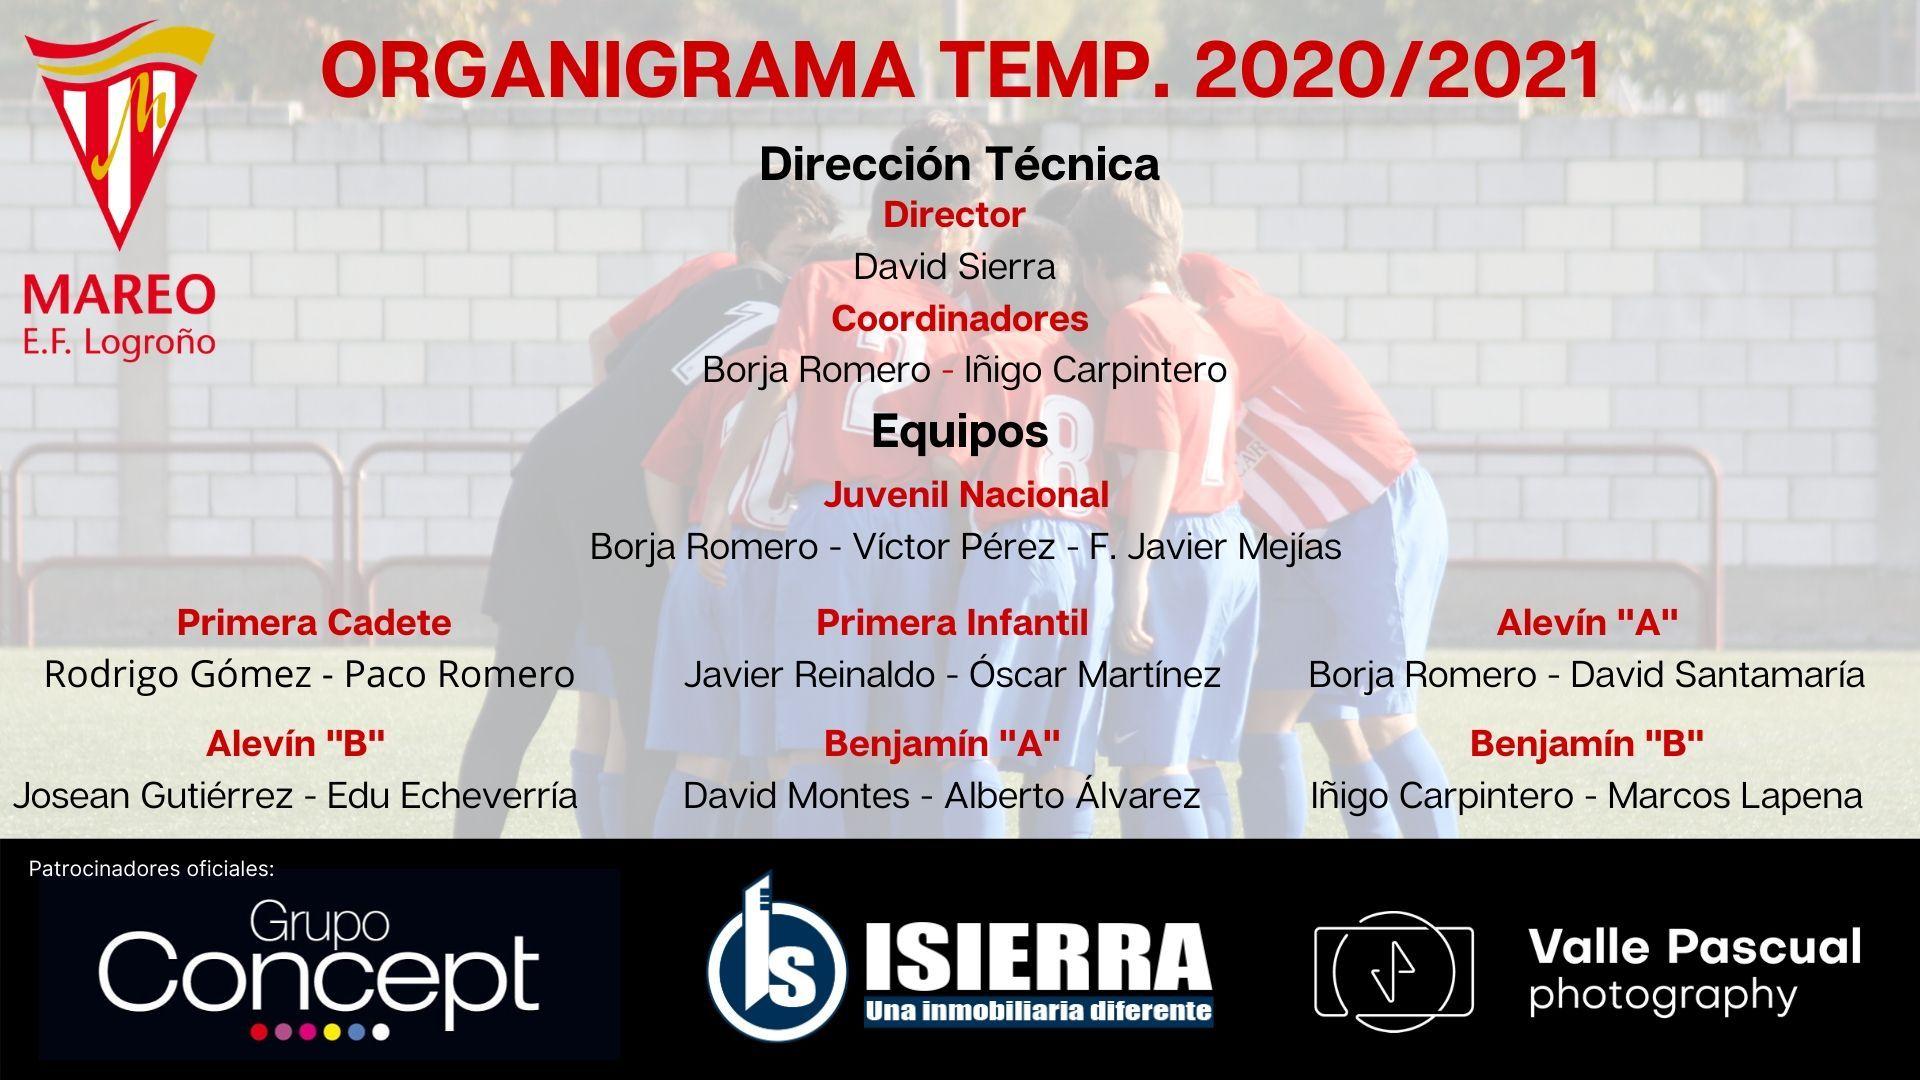 Organigrama 2021